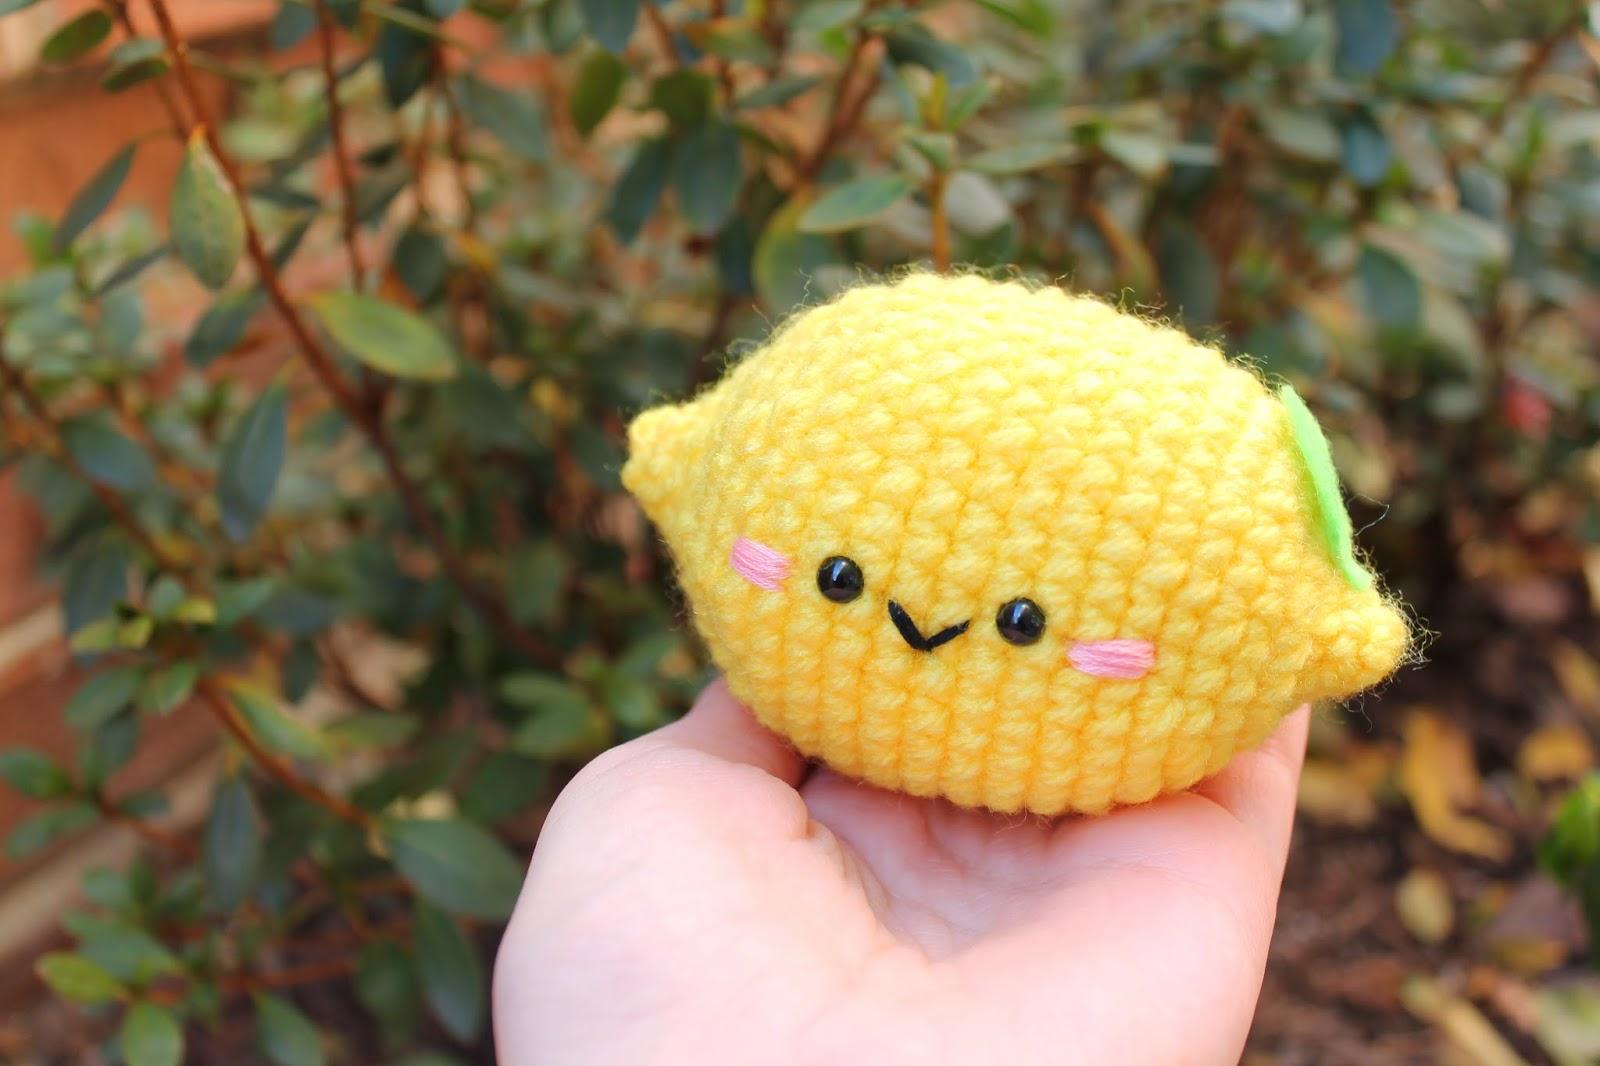 Amigurumi Patterns Free Food : Amigurumi Food: Lemon cute Amigurumi Free pattern!